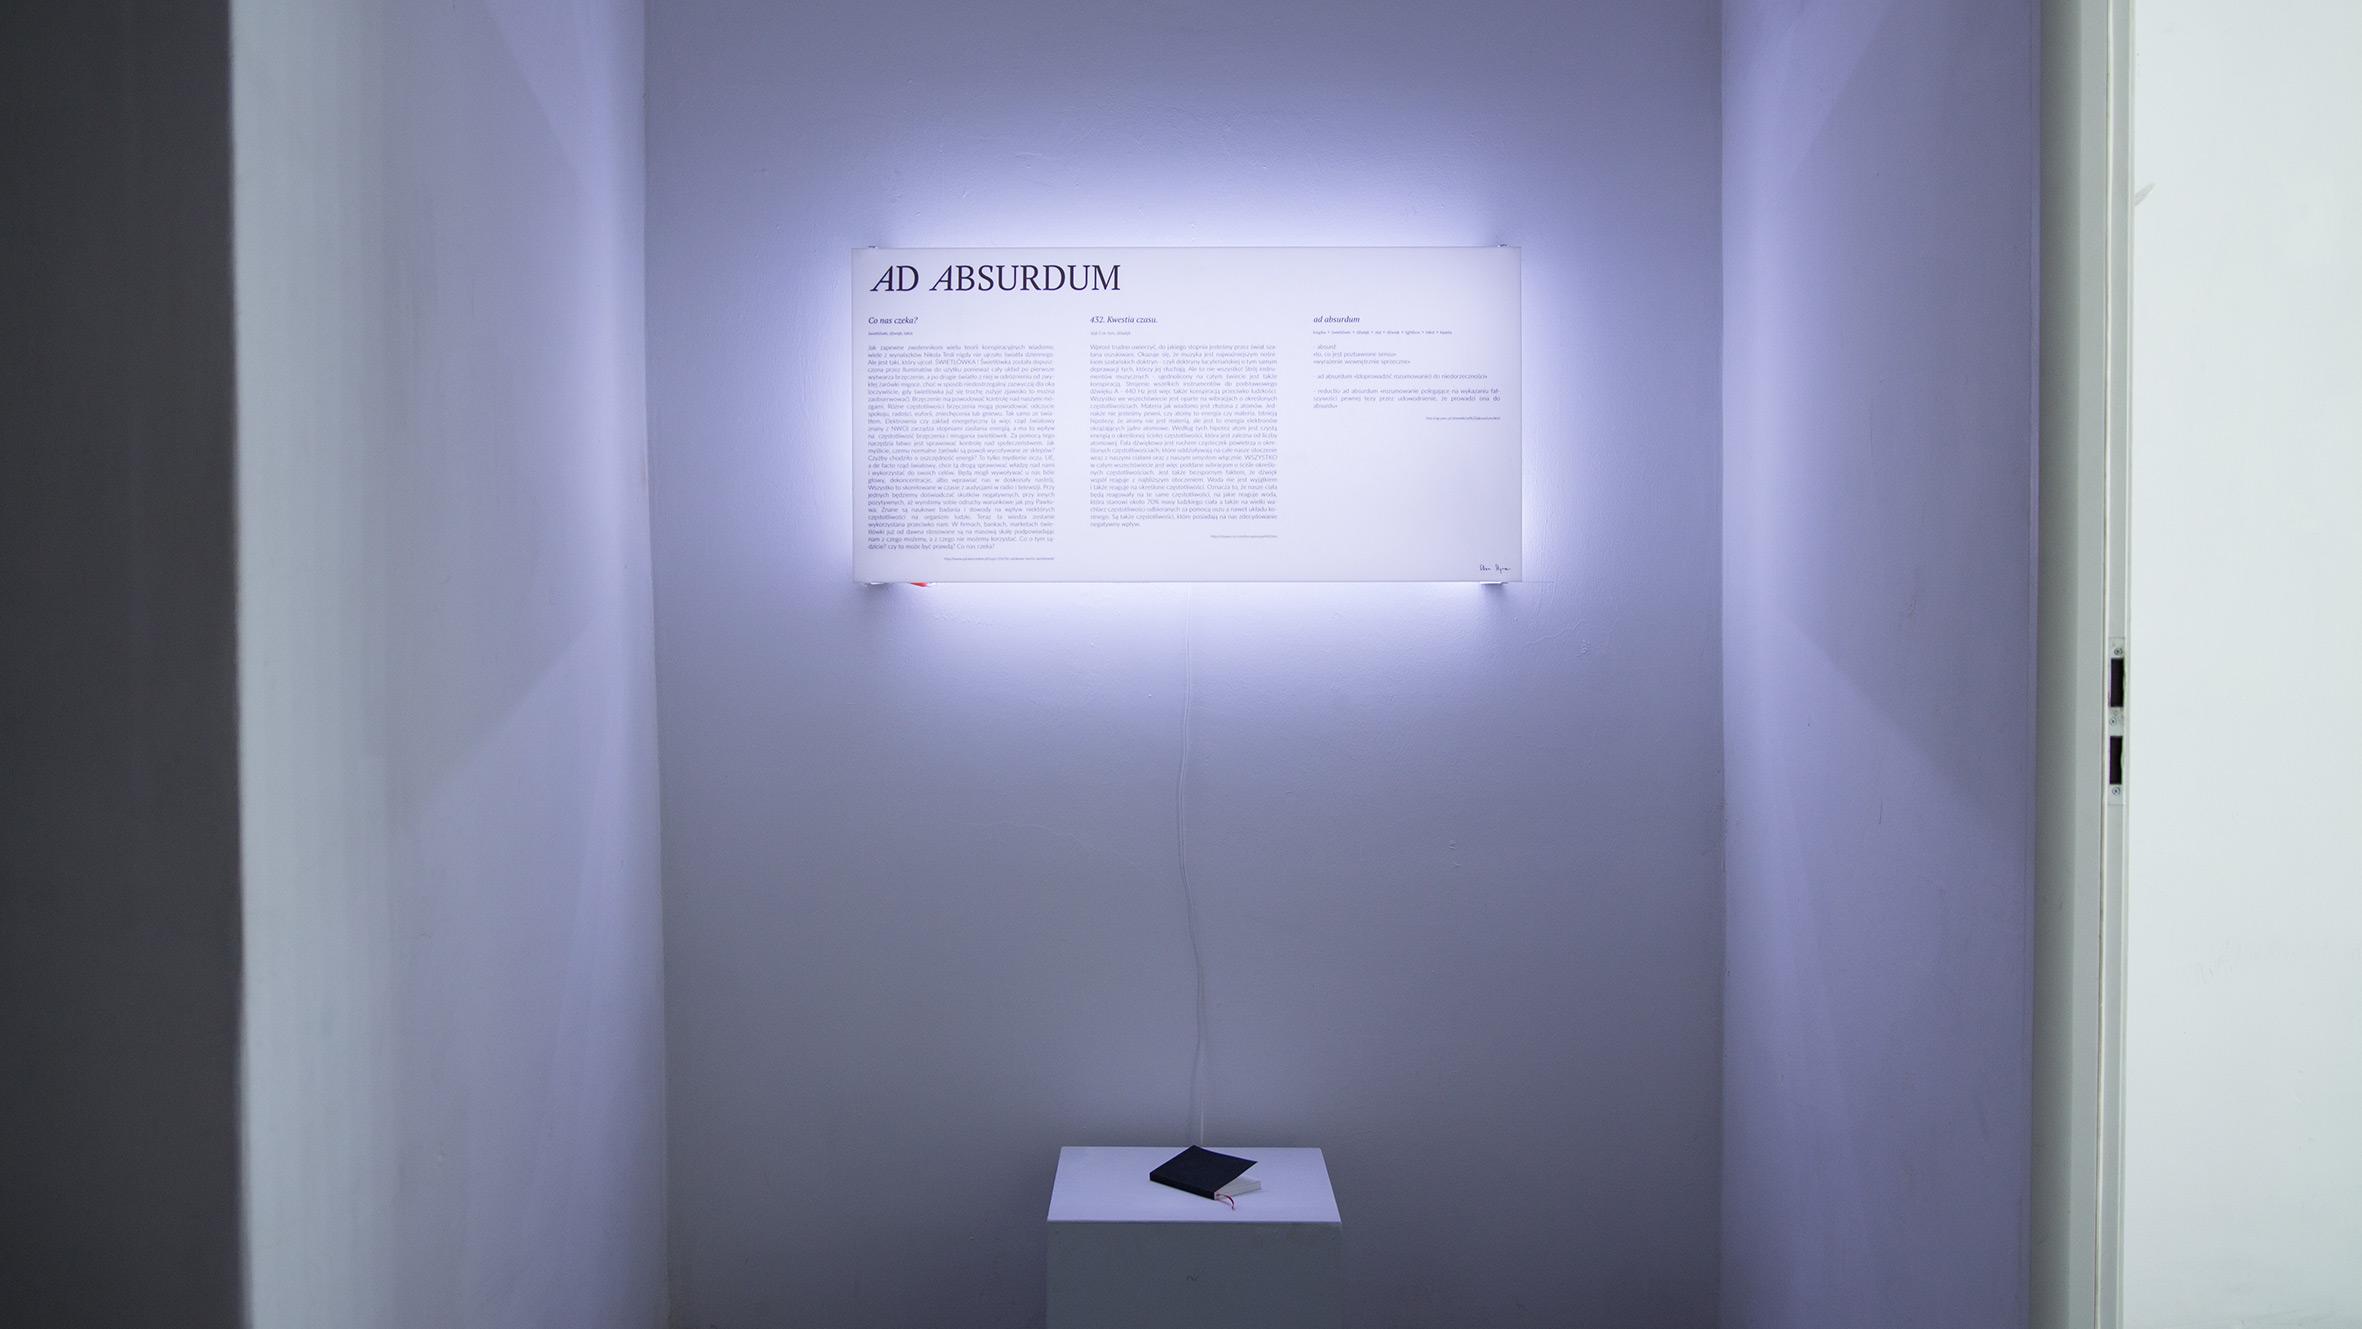 Instalacja Ad Absurdum